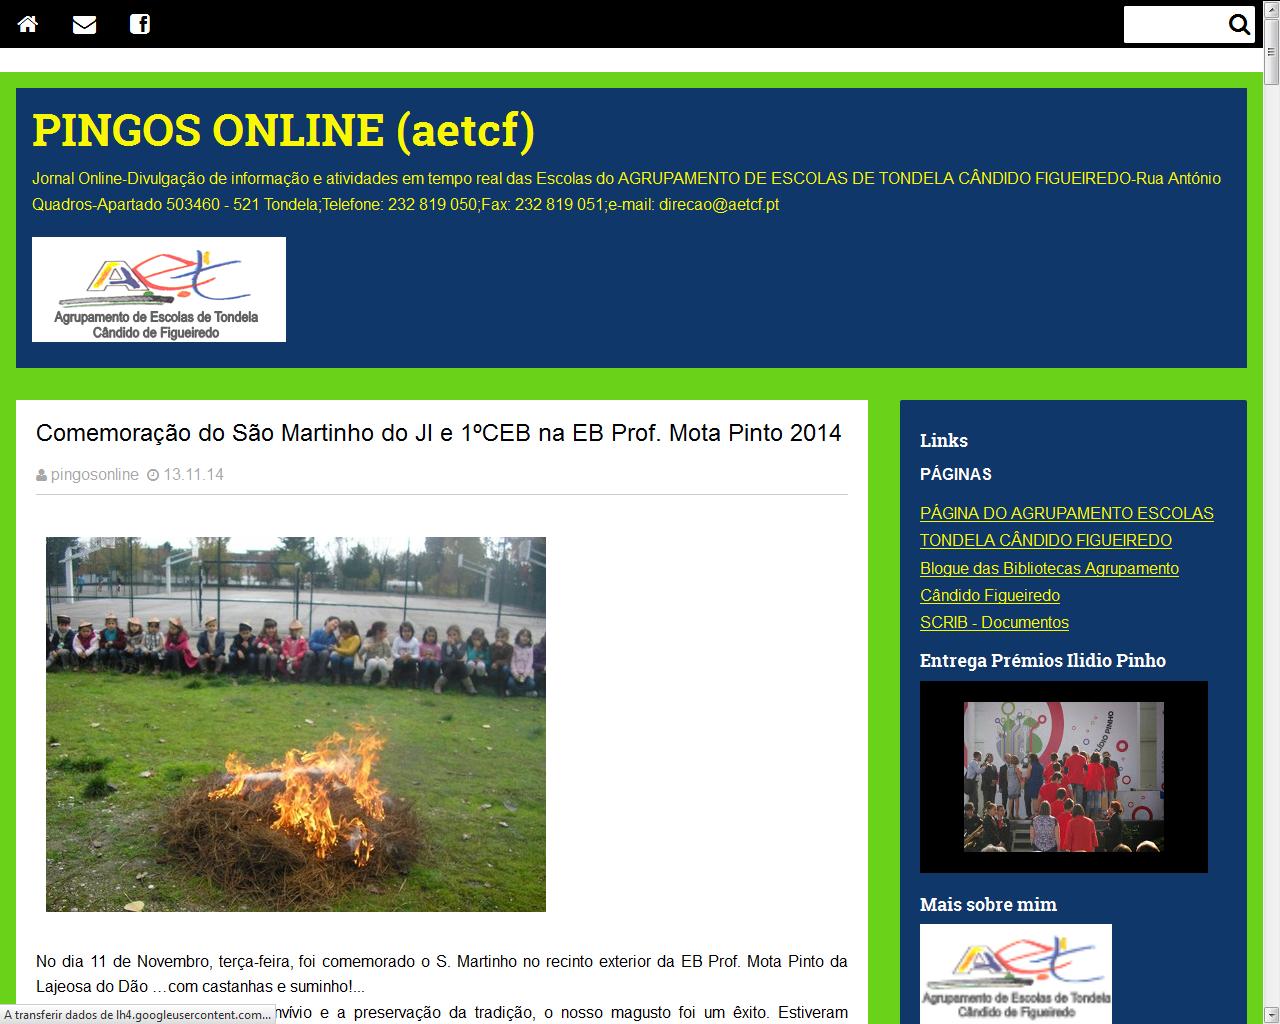 Pingos online